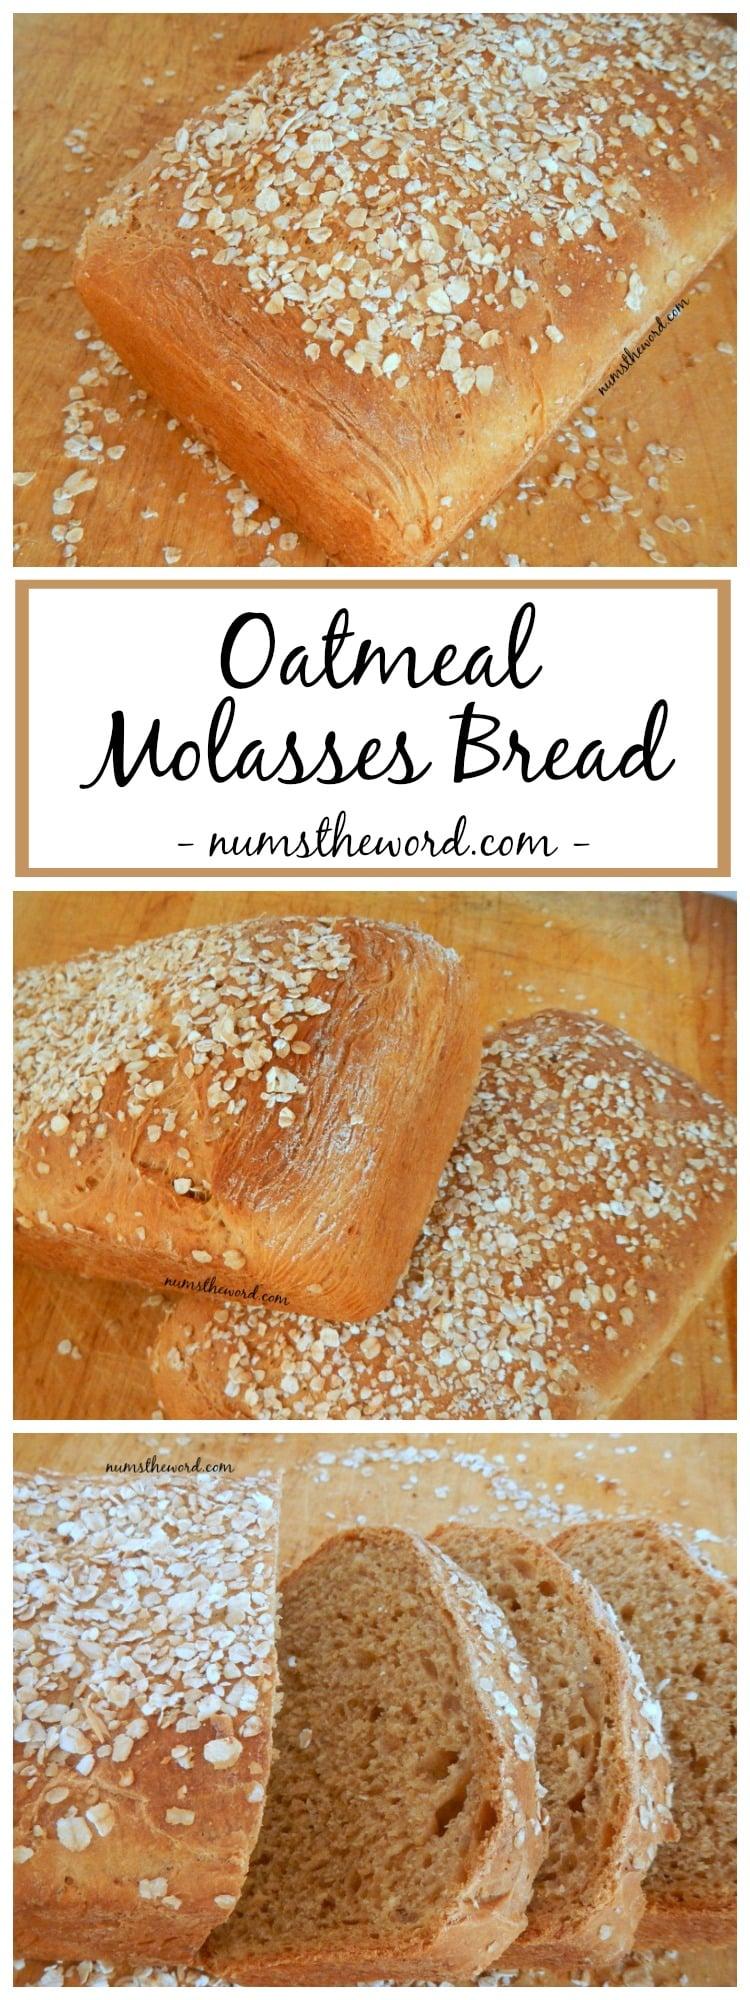 Oatmeal Molasses Bread